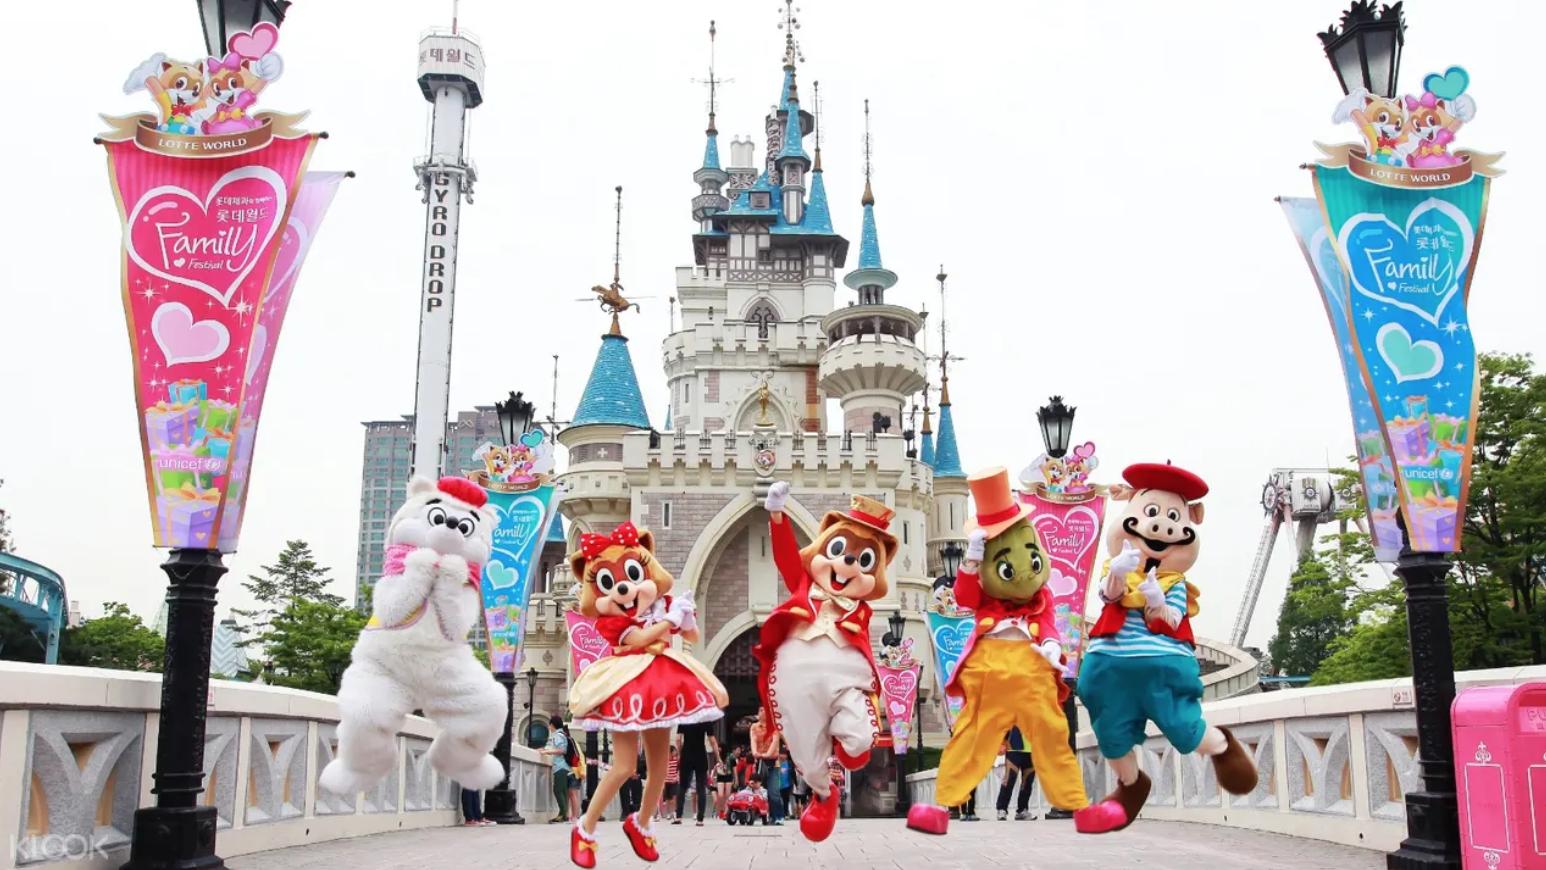 ความสนุกกำลังจะเริ่ม ที่ Lotte World ในราคาเพียง 801 บาทเท่านั้น!